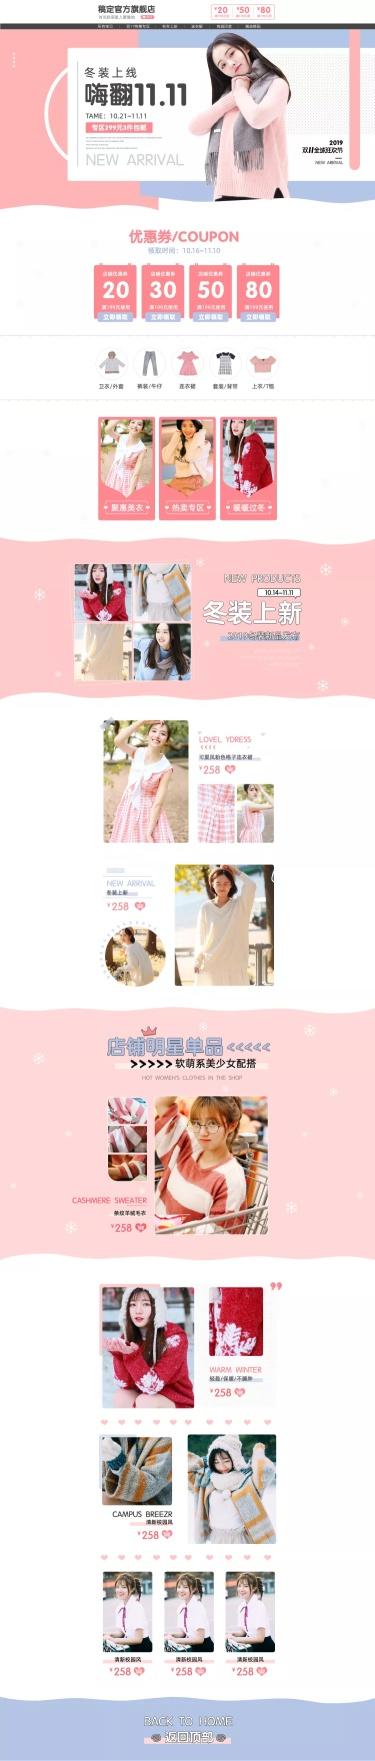 双十一狂欢/活动促销/女装/甜美少女/店铺首页